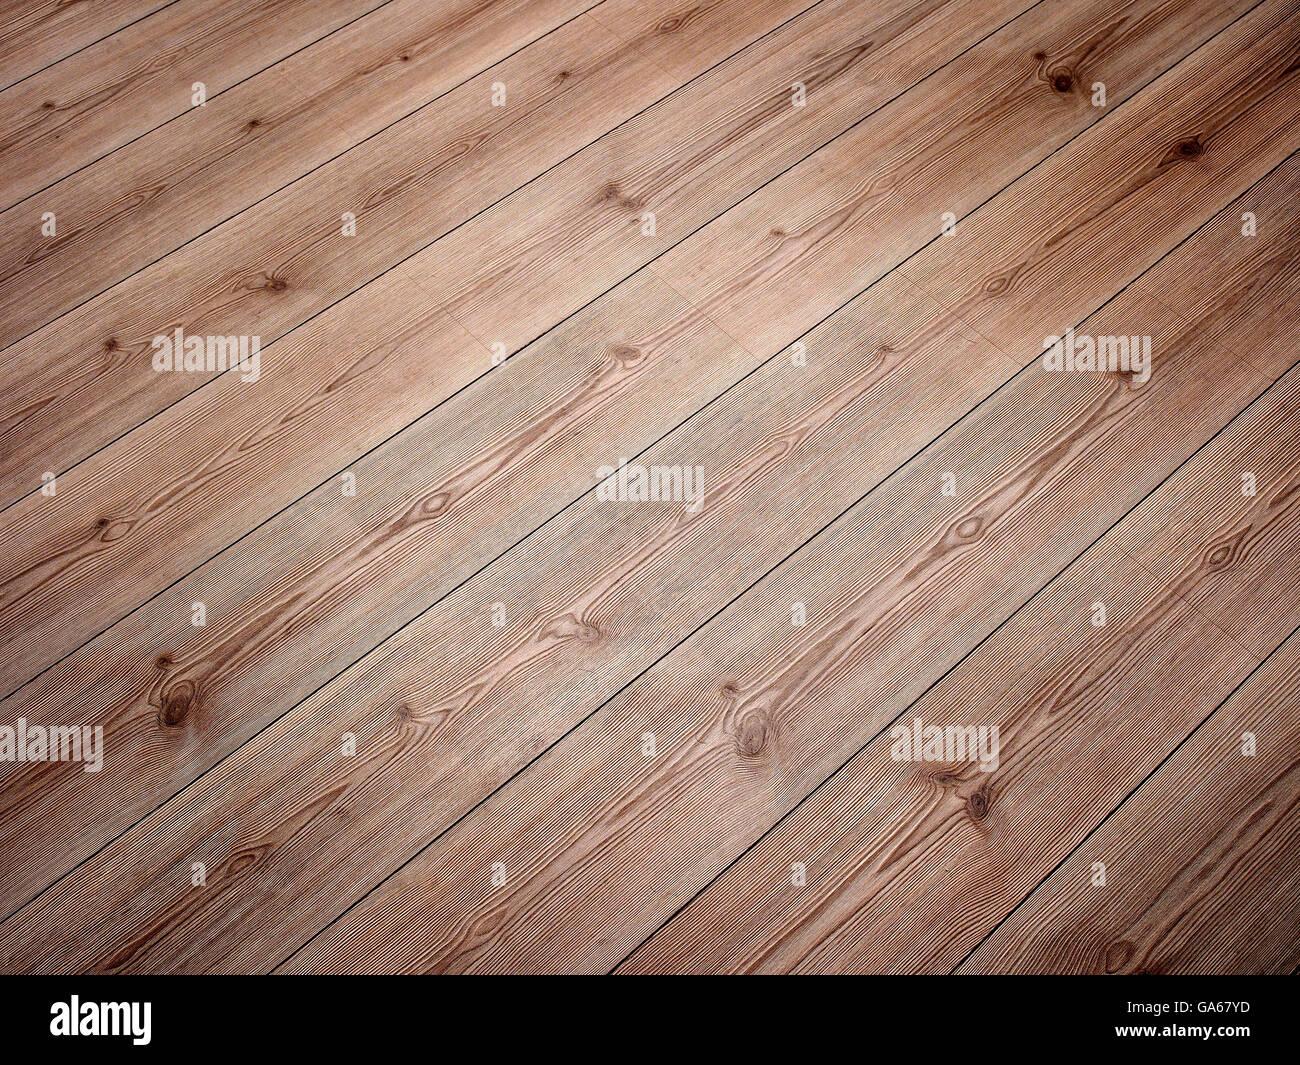 Piso de madera con placas de diagonal. Imagen De Stock